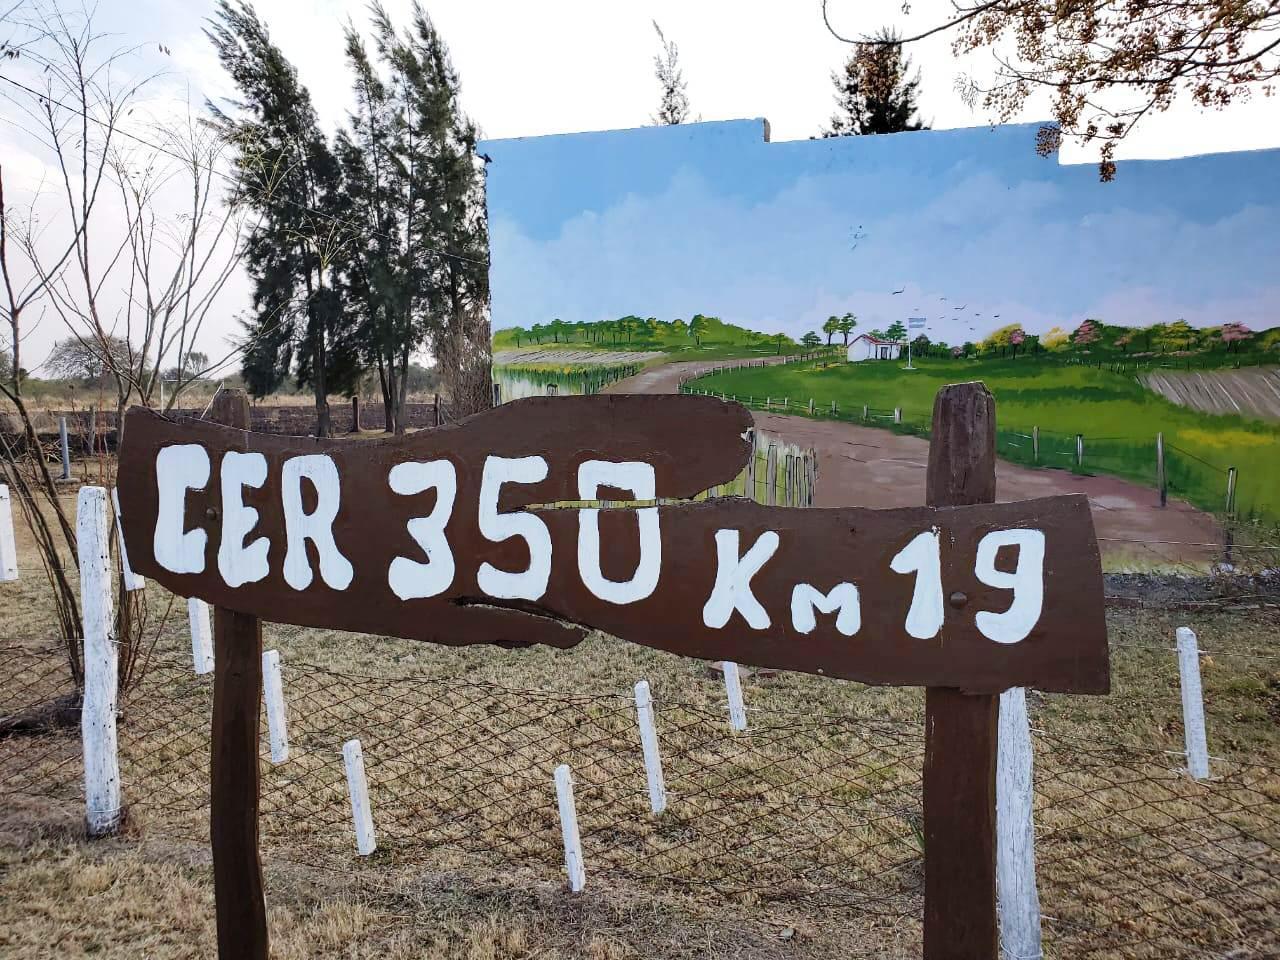 cer 350 km 19.jpeg